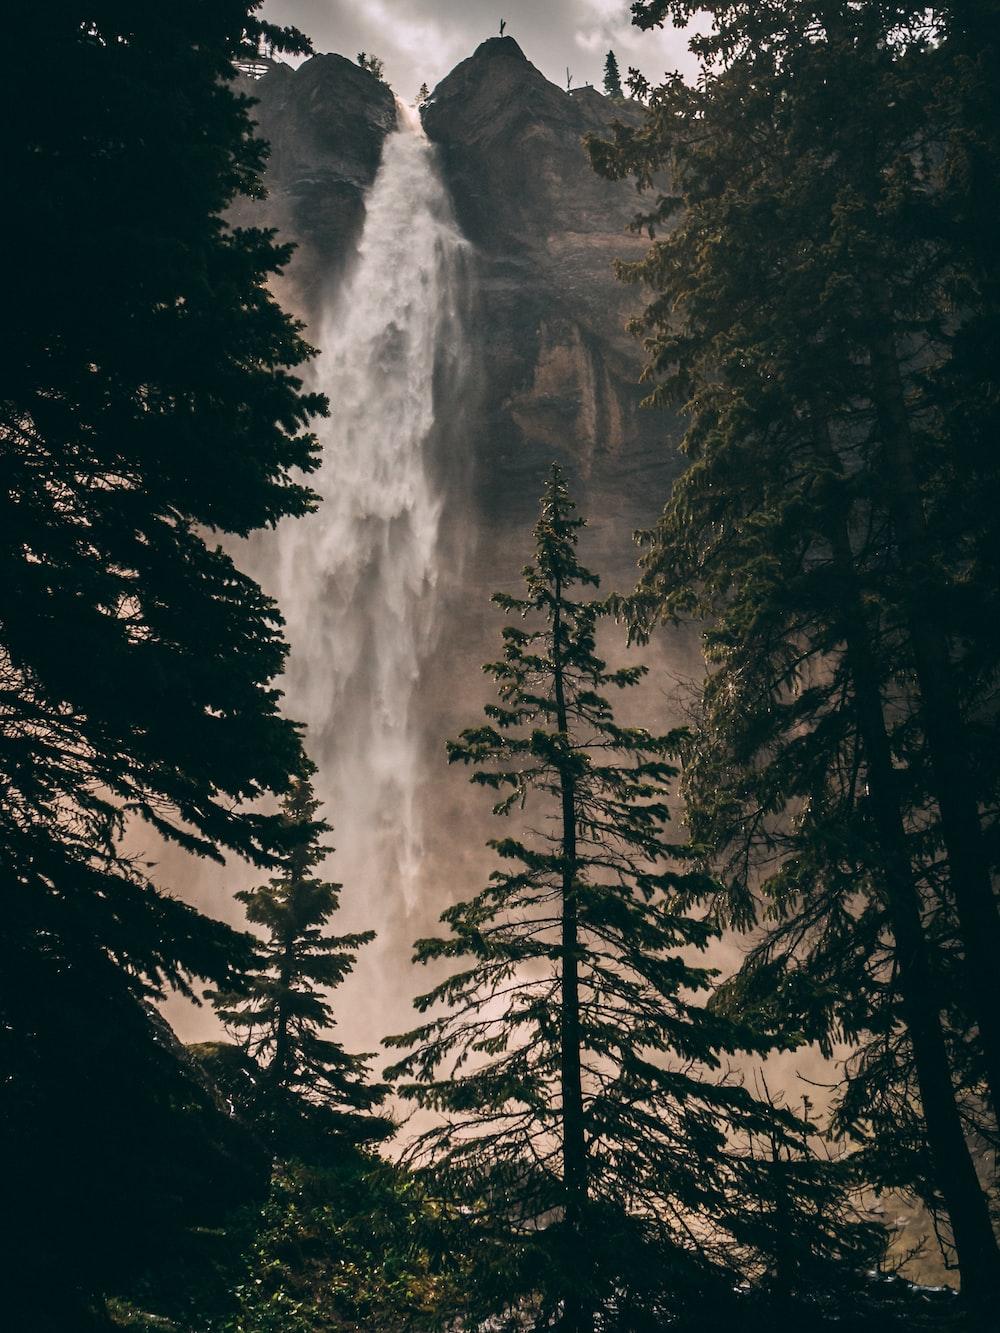 waterfall behind pine trees